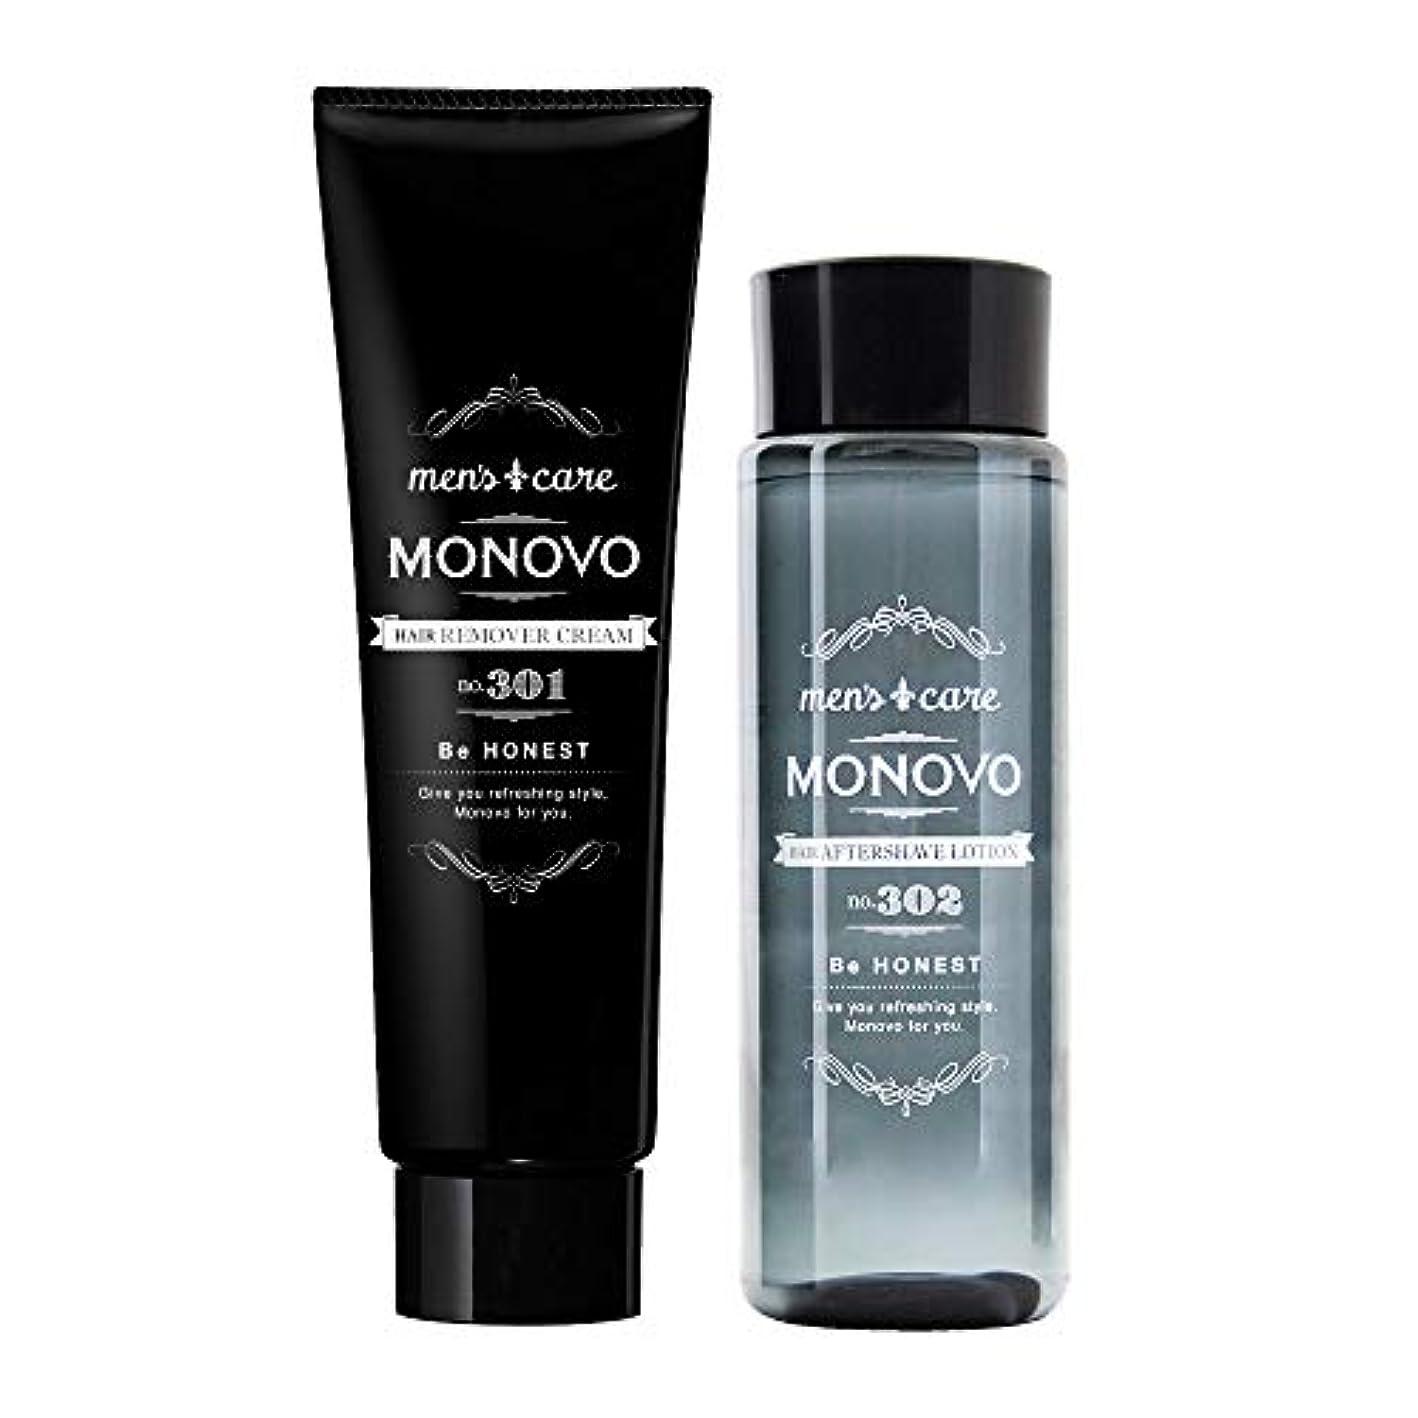 パワーセルく価値MONOVO ヘアリムーバークリーム(1本)とアフターシェーブローション(1本)のセット